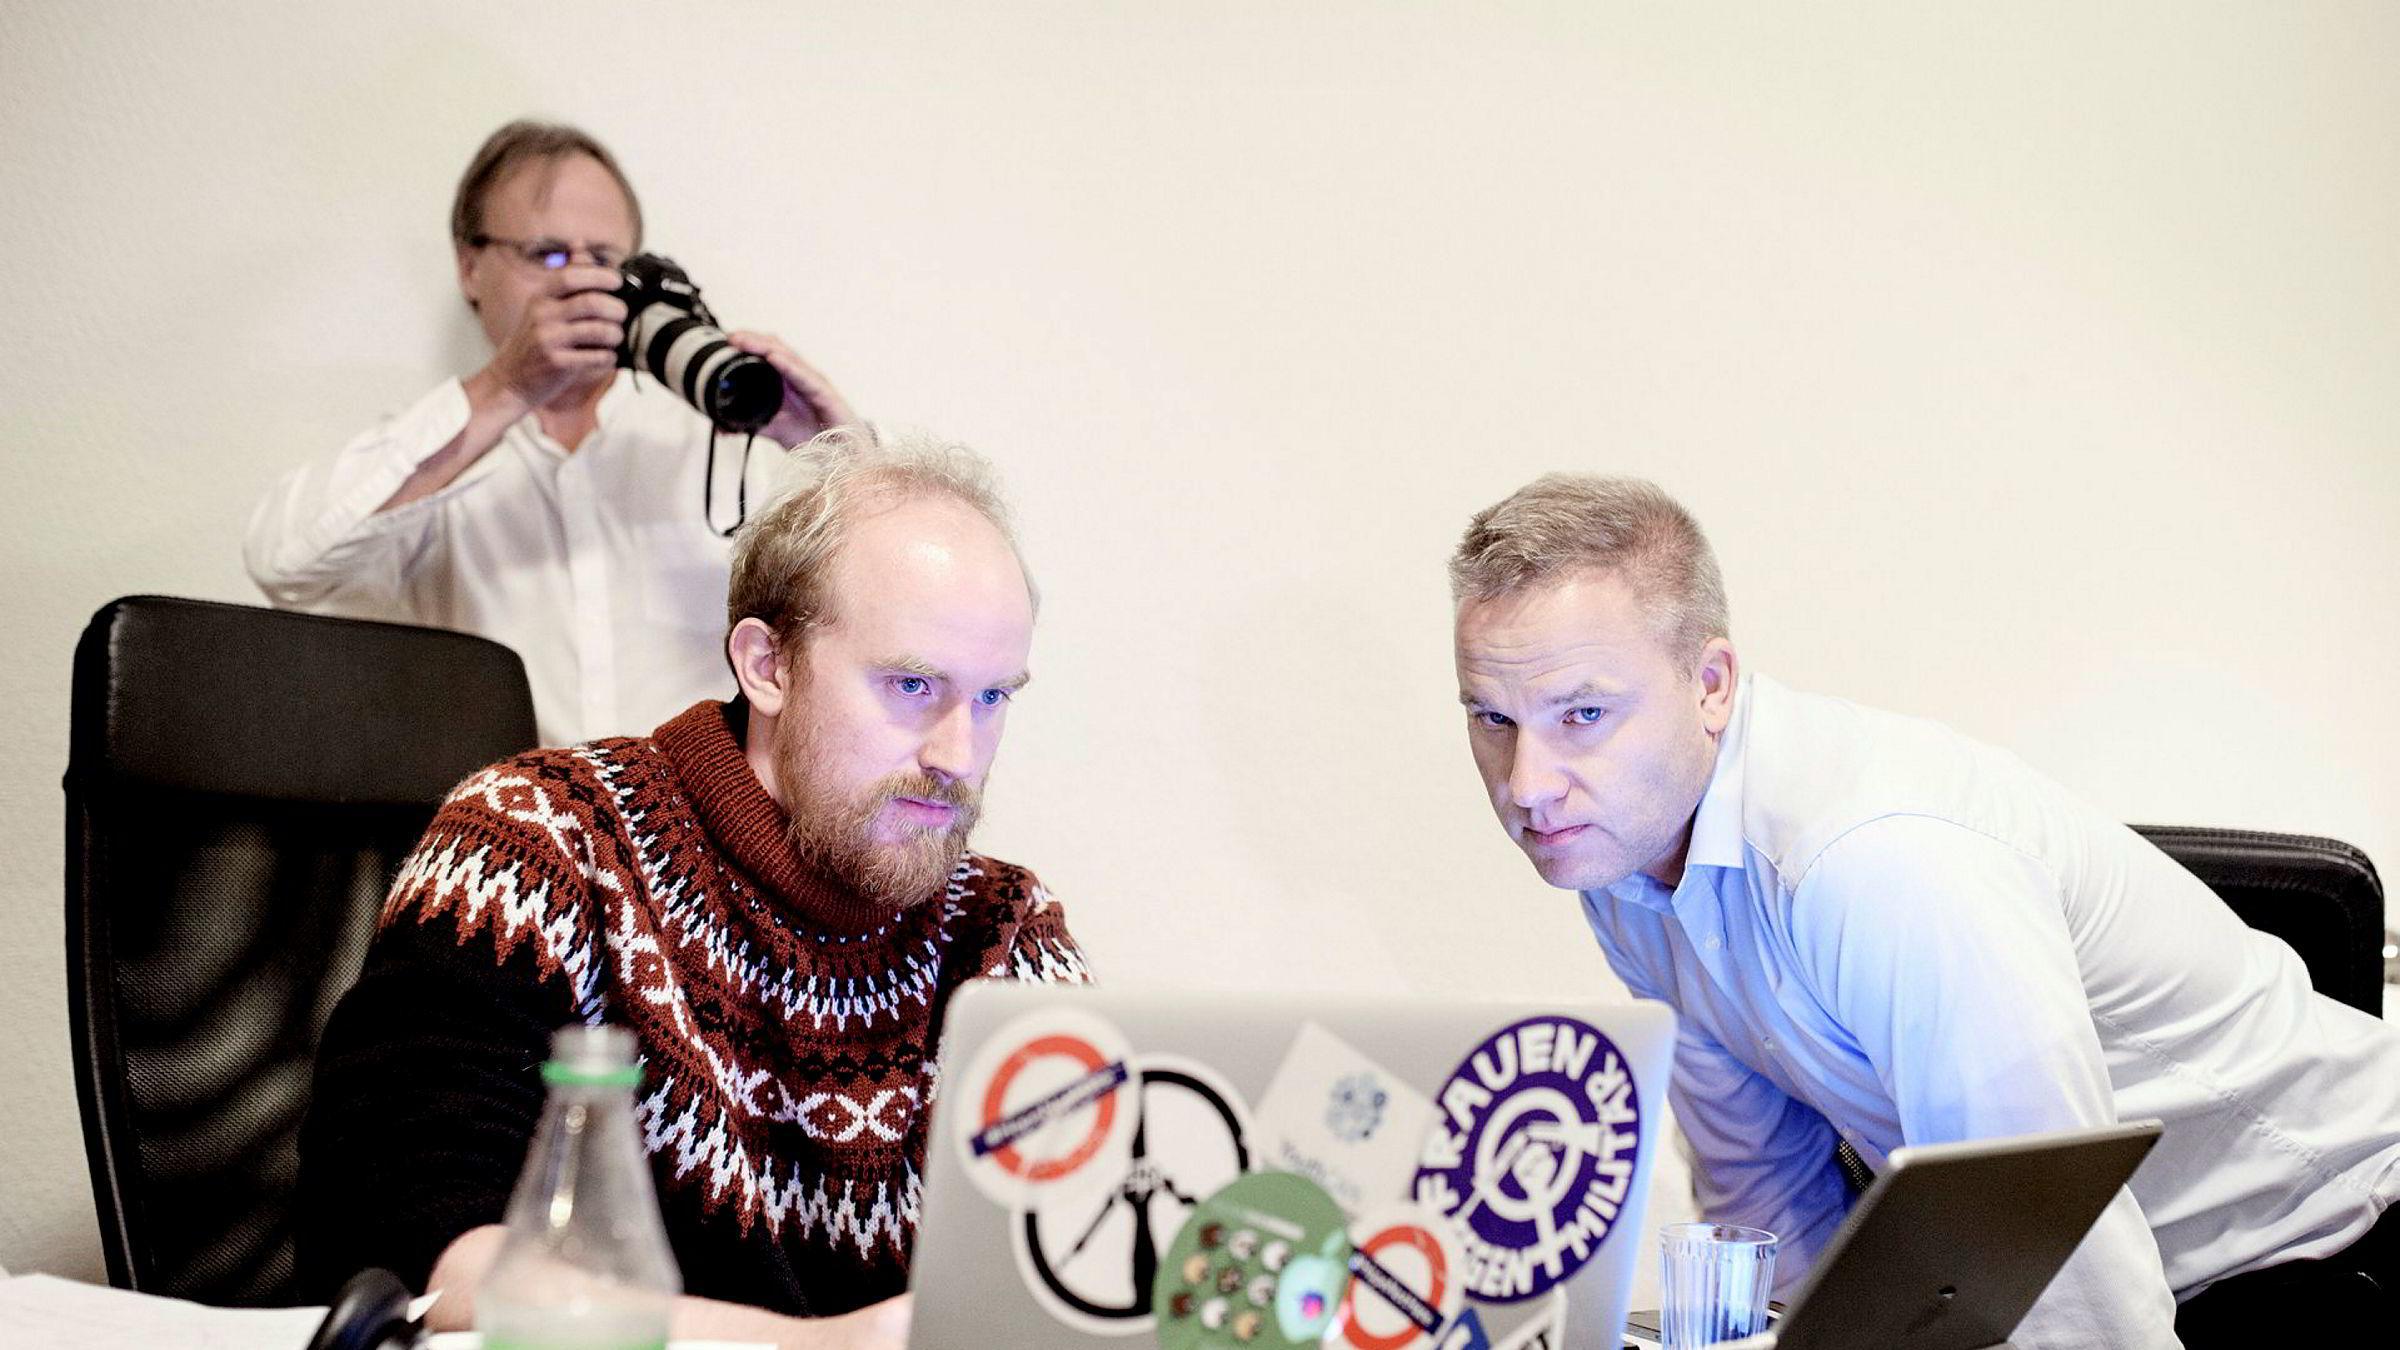 Bjørn Ihler (til venstre) og Resett-redaktør Helge Lurås (til høyre) følger med på skjermen idet Resett lanseres kvelden 28. august. Bak står internettpioneren Håkon Wium Lie, som var en av de tidlige støttespillerne for avisen.